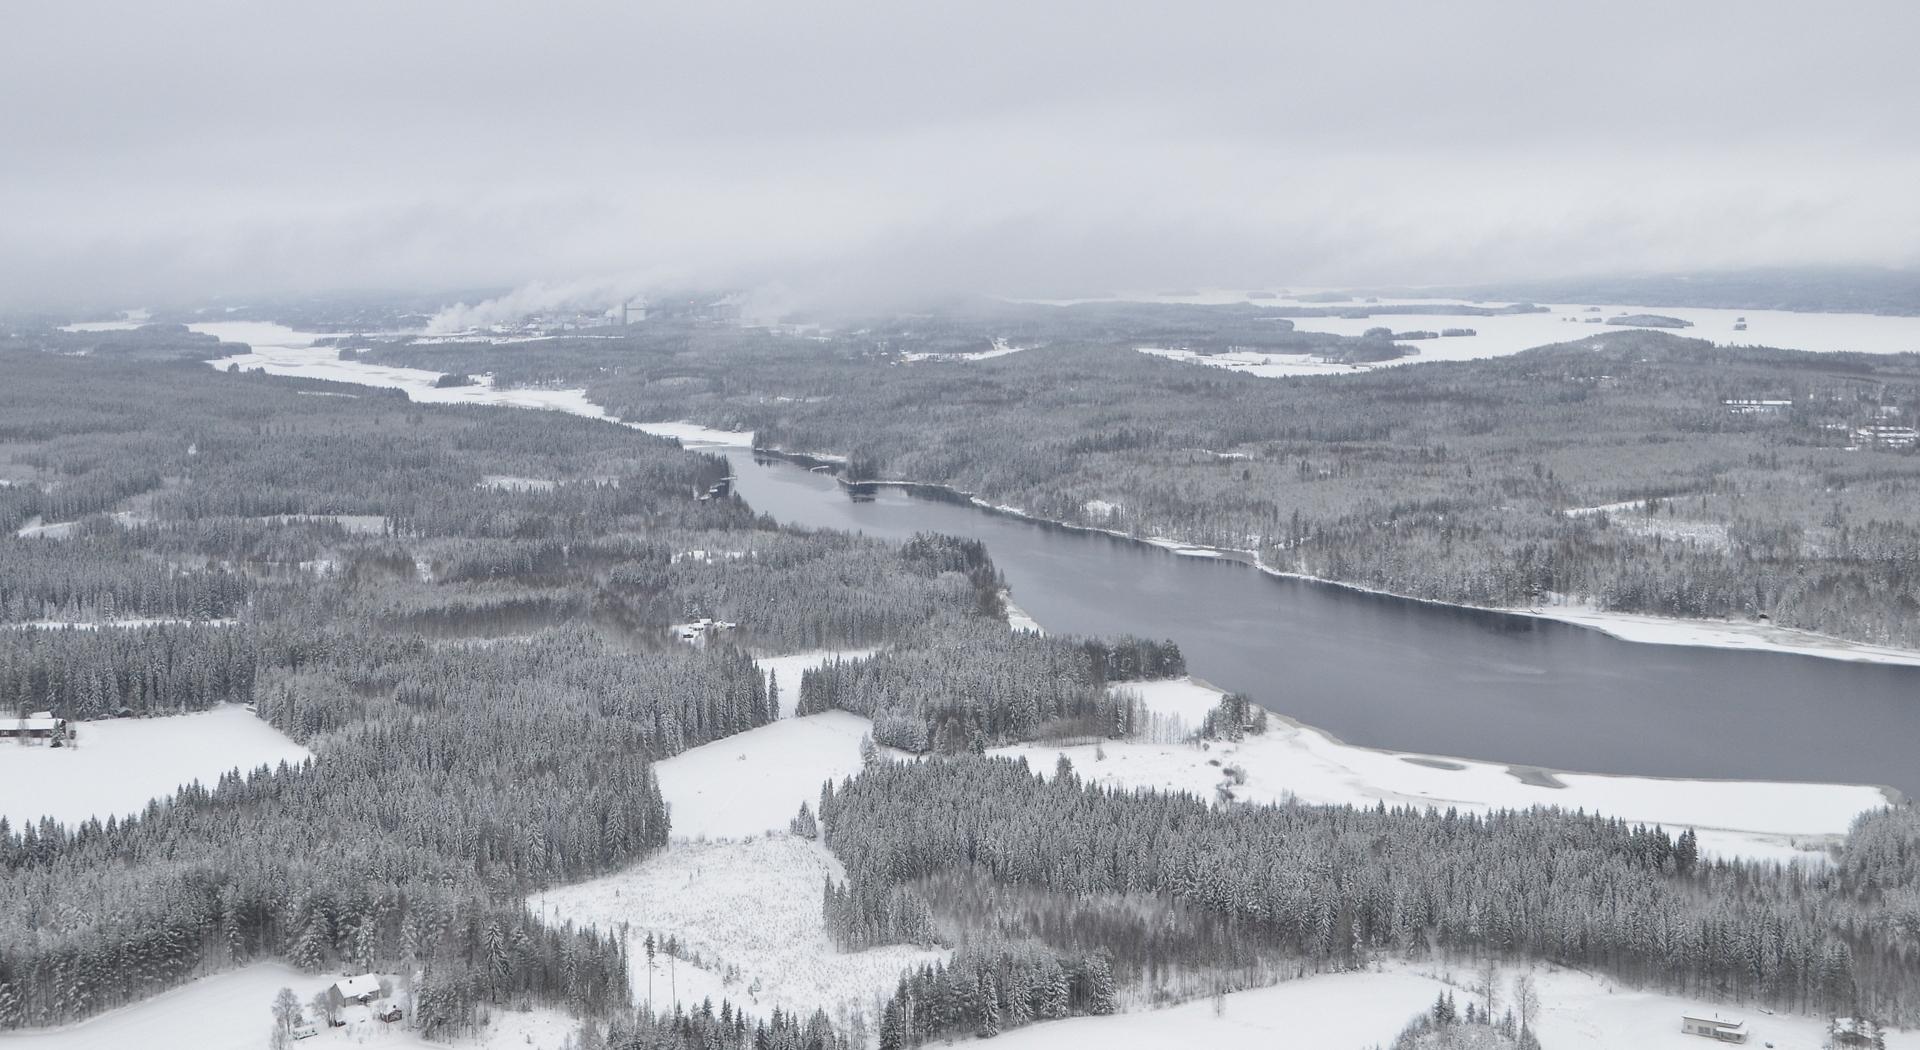 Jäätilanne on Ääneseudulla on kuvan mukainen, sulaa vettä vain Kuhnamon virtaavissa vesissä 26.12.2017. Kuvattu Kapeenkosken seudulta.